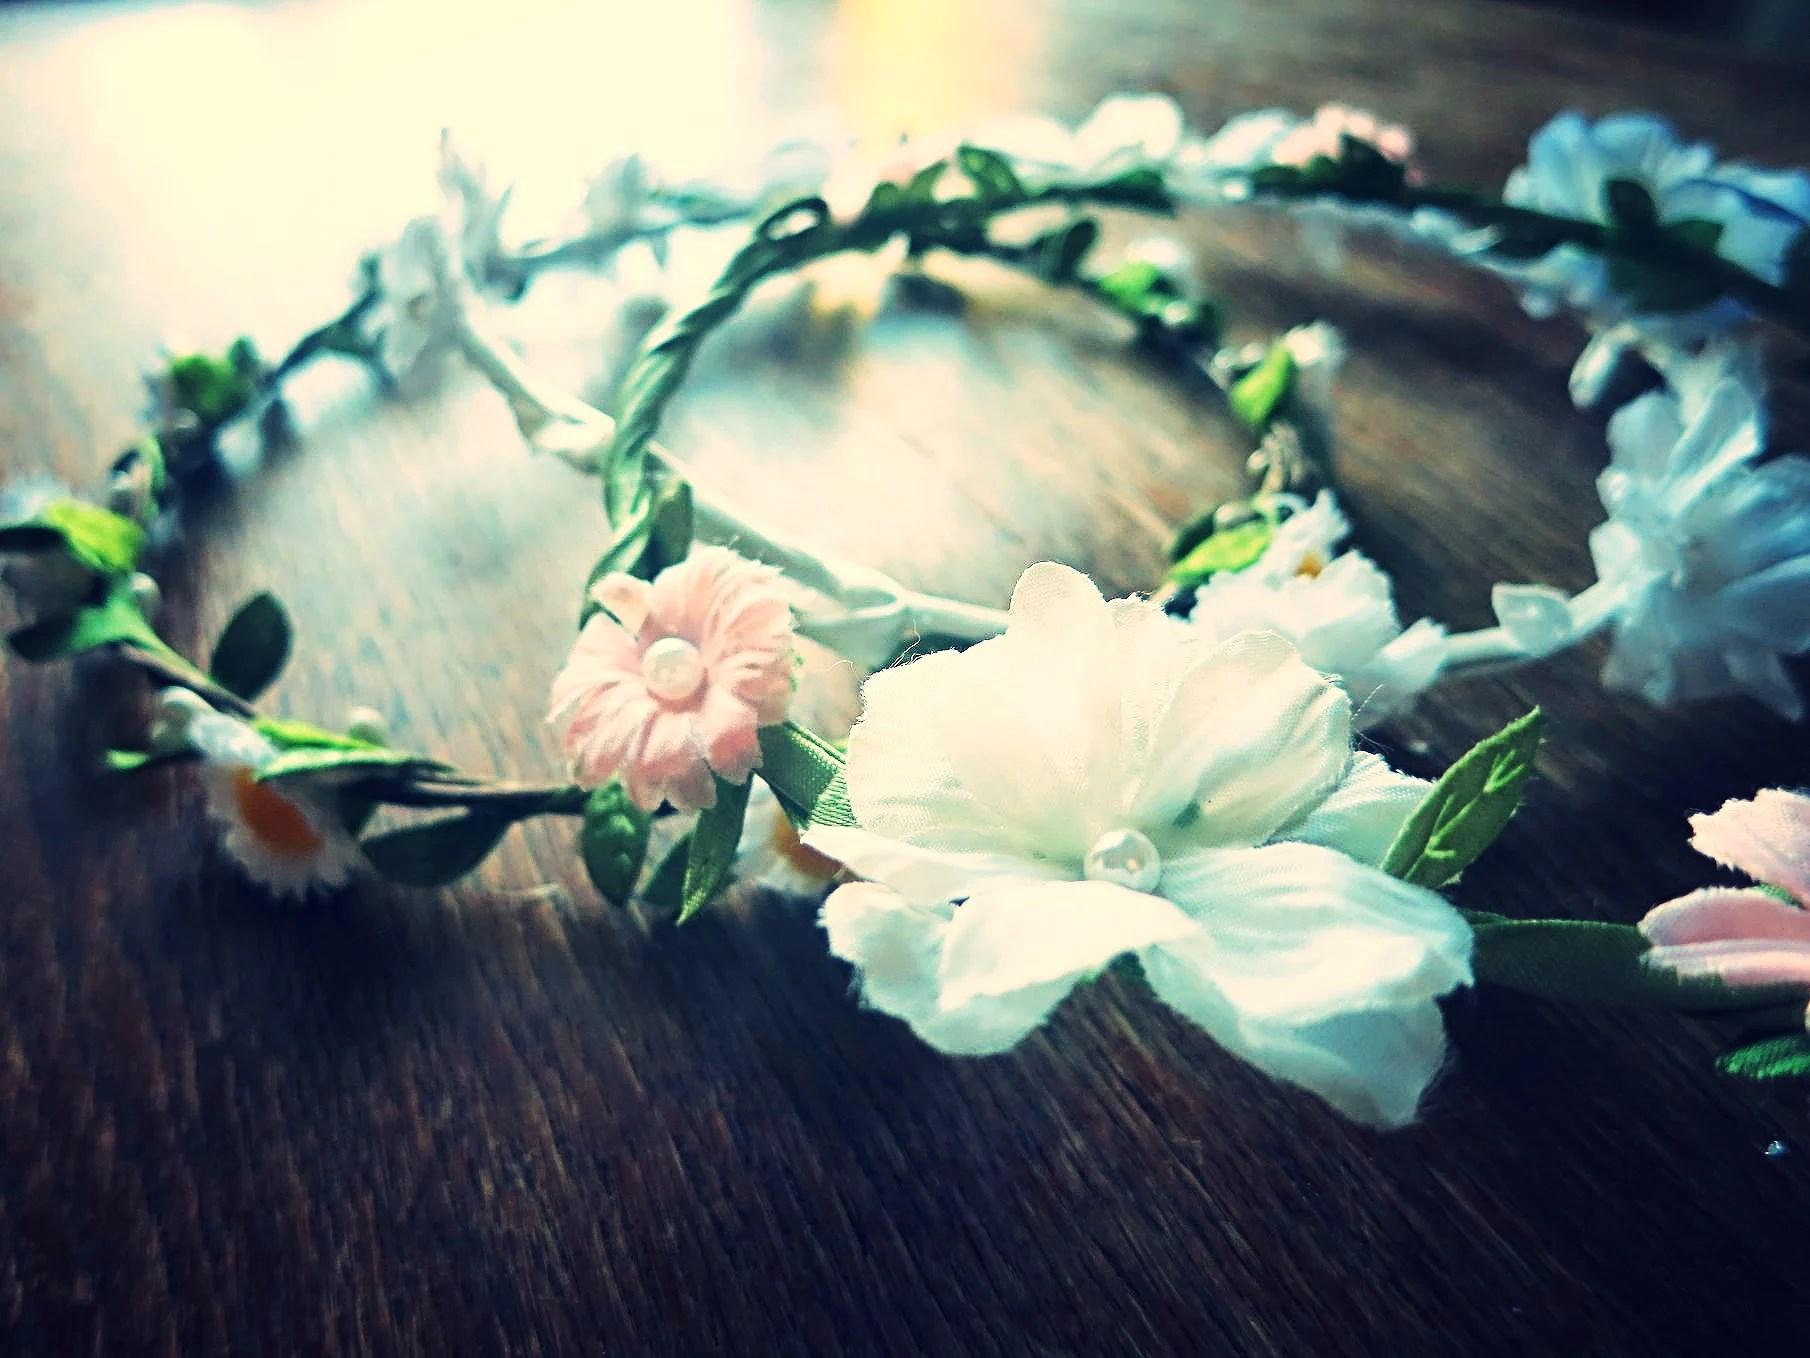 Blommor i håret